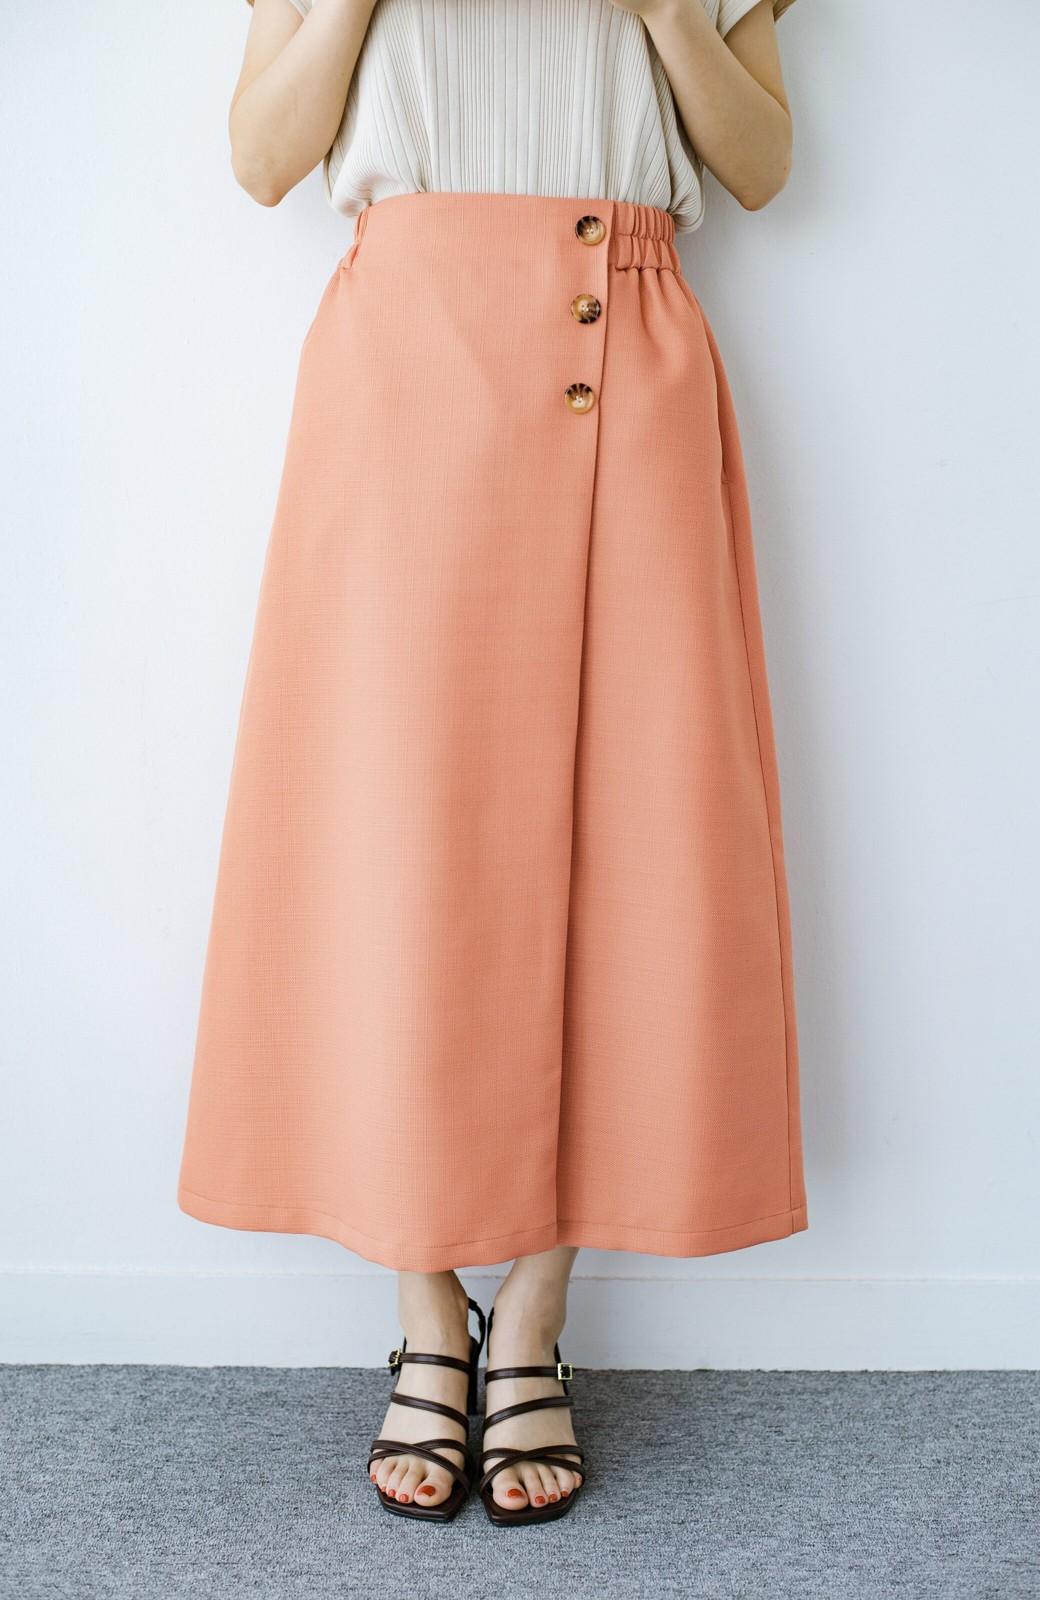 haco! これさえあればきれいなお姉さんになれそうな気がする 麻調素材のきれいめラップスカート <オレンジ>の商品写真1